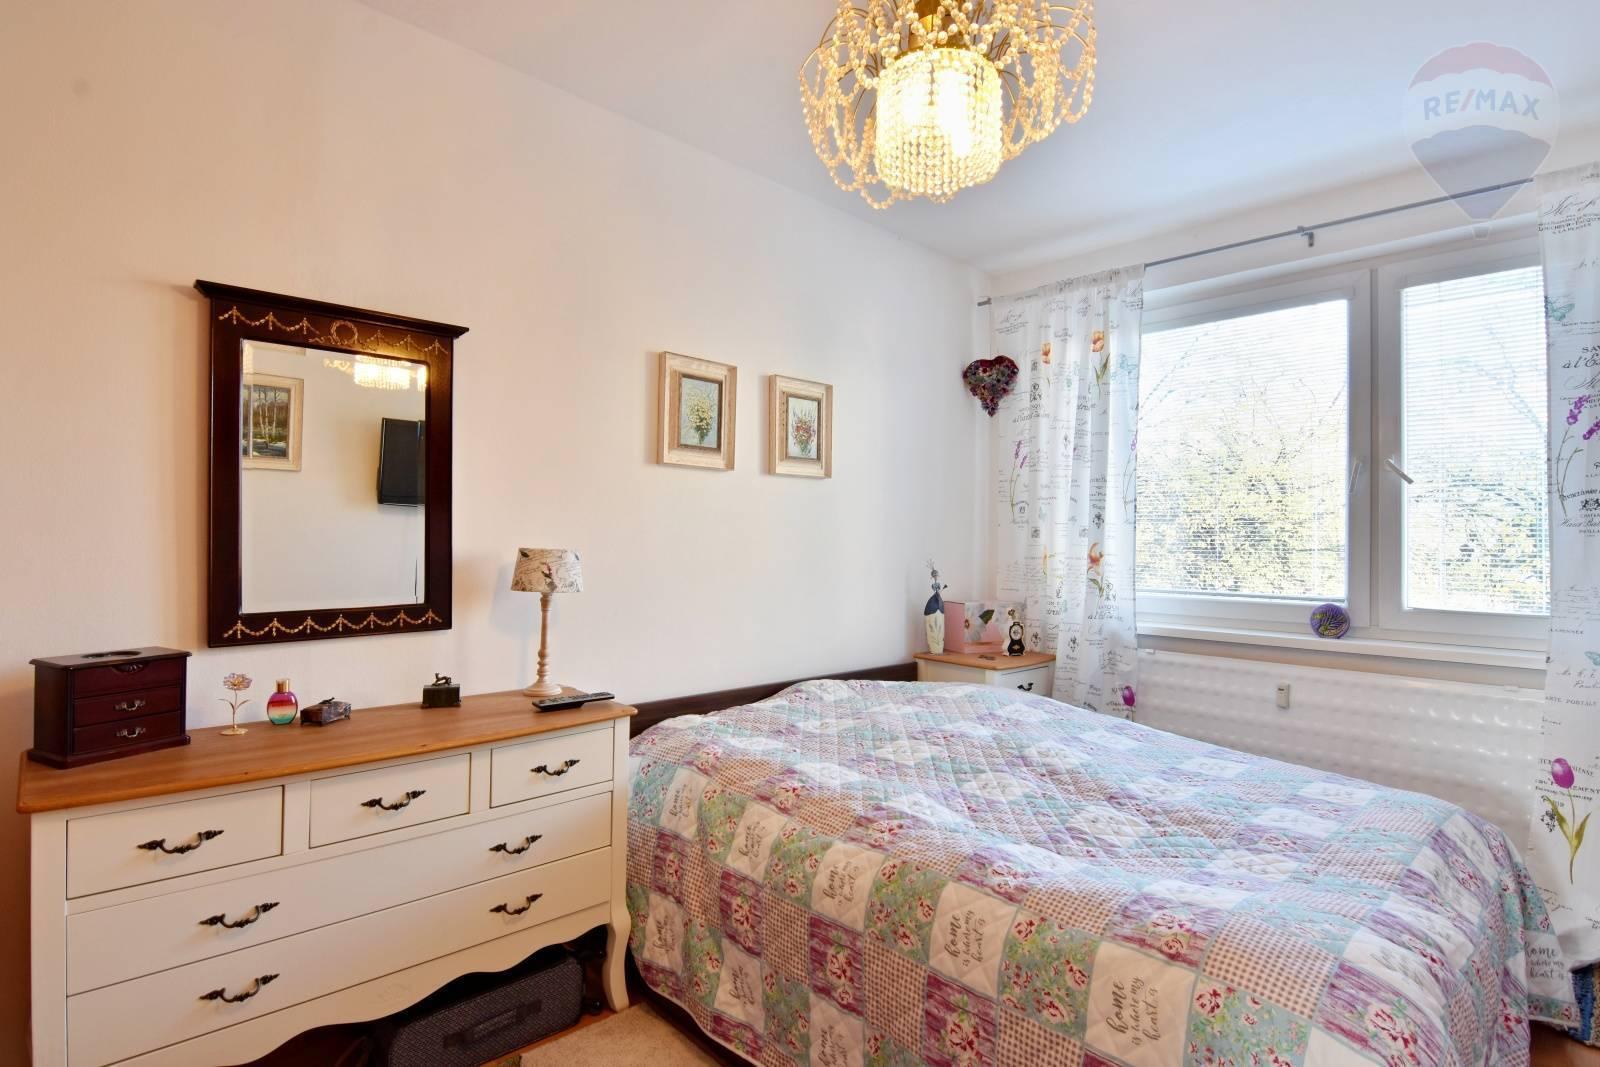 Predaj bytu (3 izbový) 84 m2, Prievidza - Byt 4izb. Prievidza 84 m2